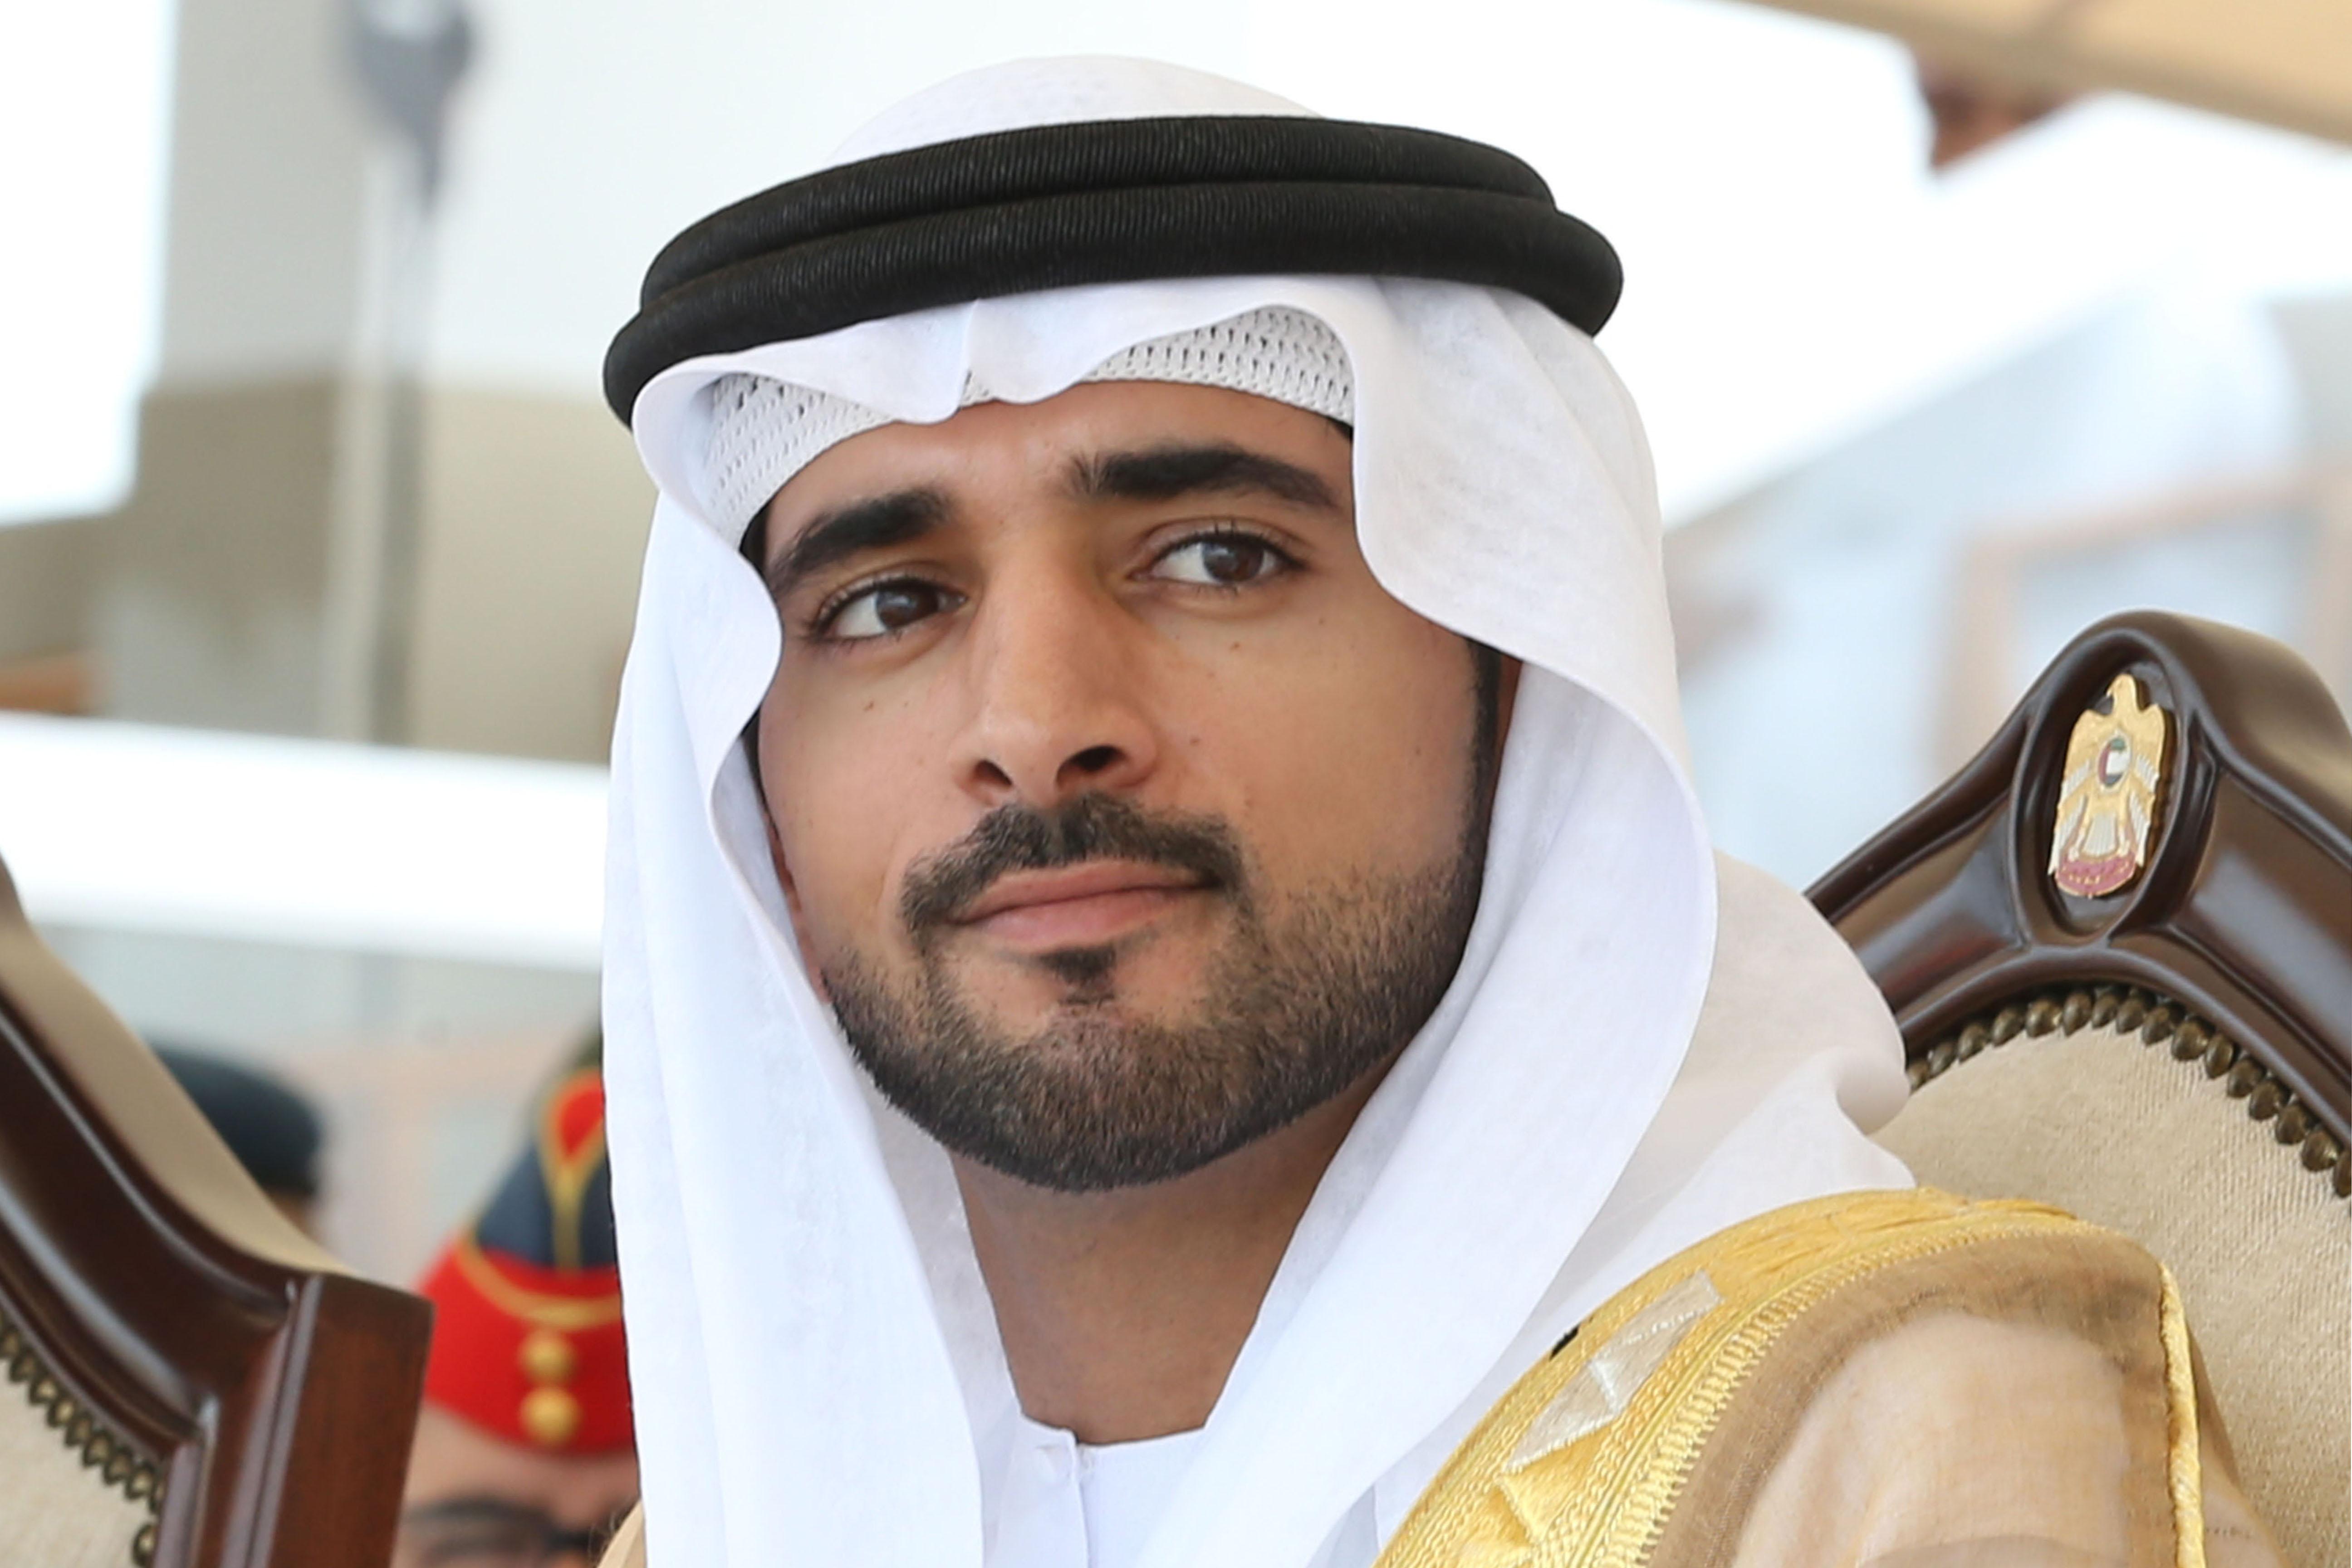 Slikovni rezultat za Šeik Hamdan bin Mohammed bin Rashid Al Maktoum